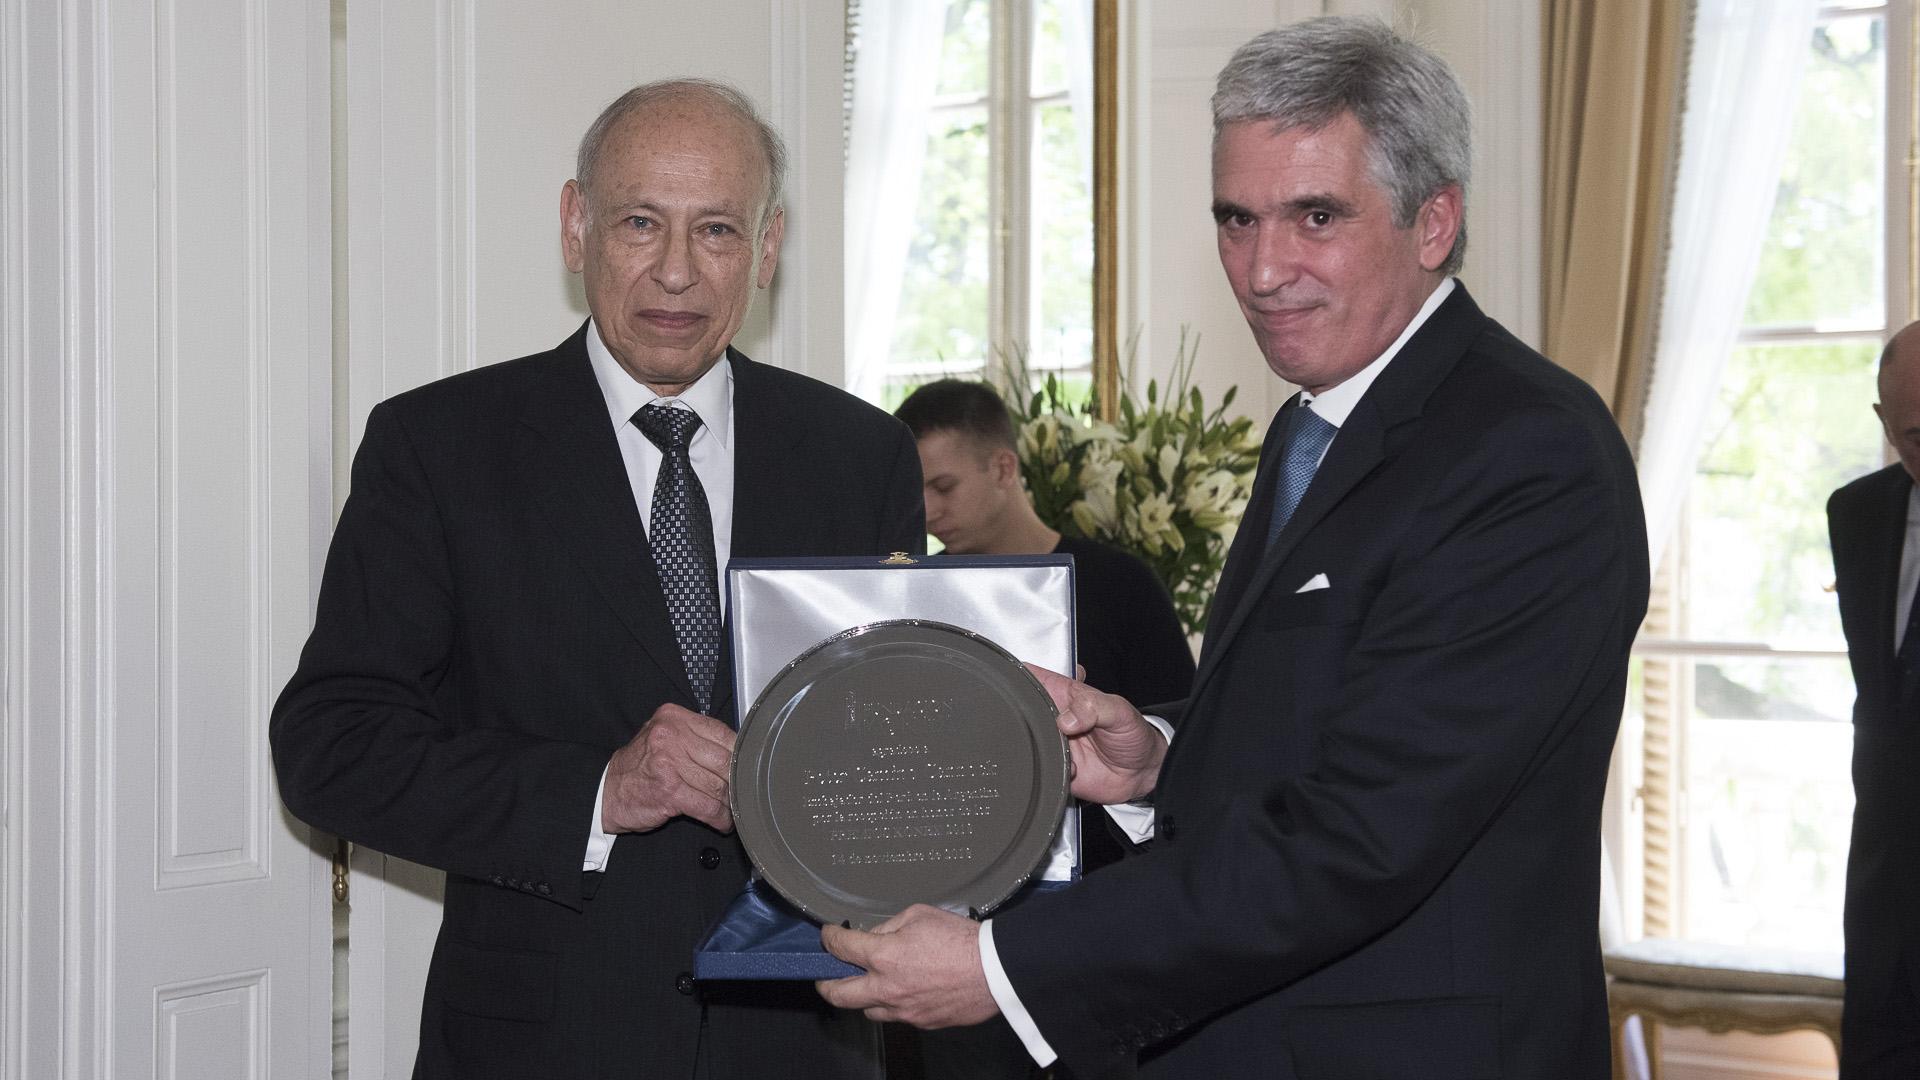 Luis Ovsejevich le entregó una distinción al embajador de Perú, Peter Camino Cannock